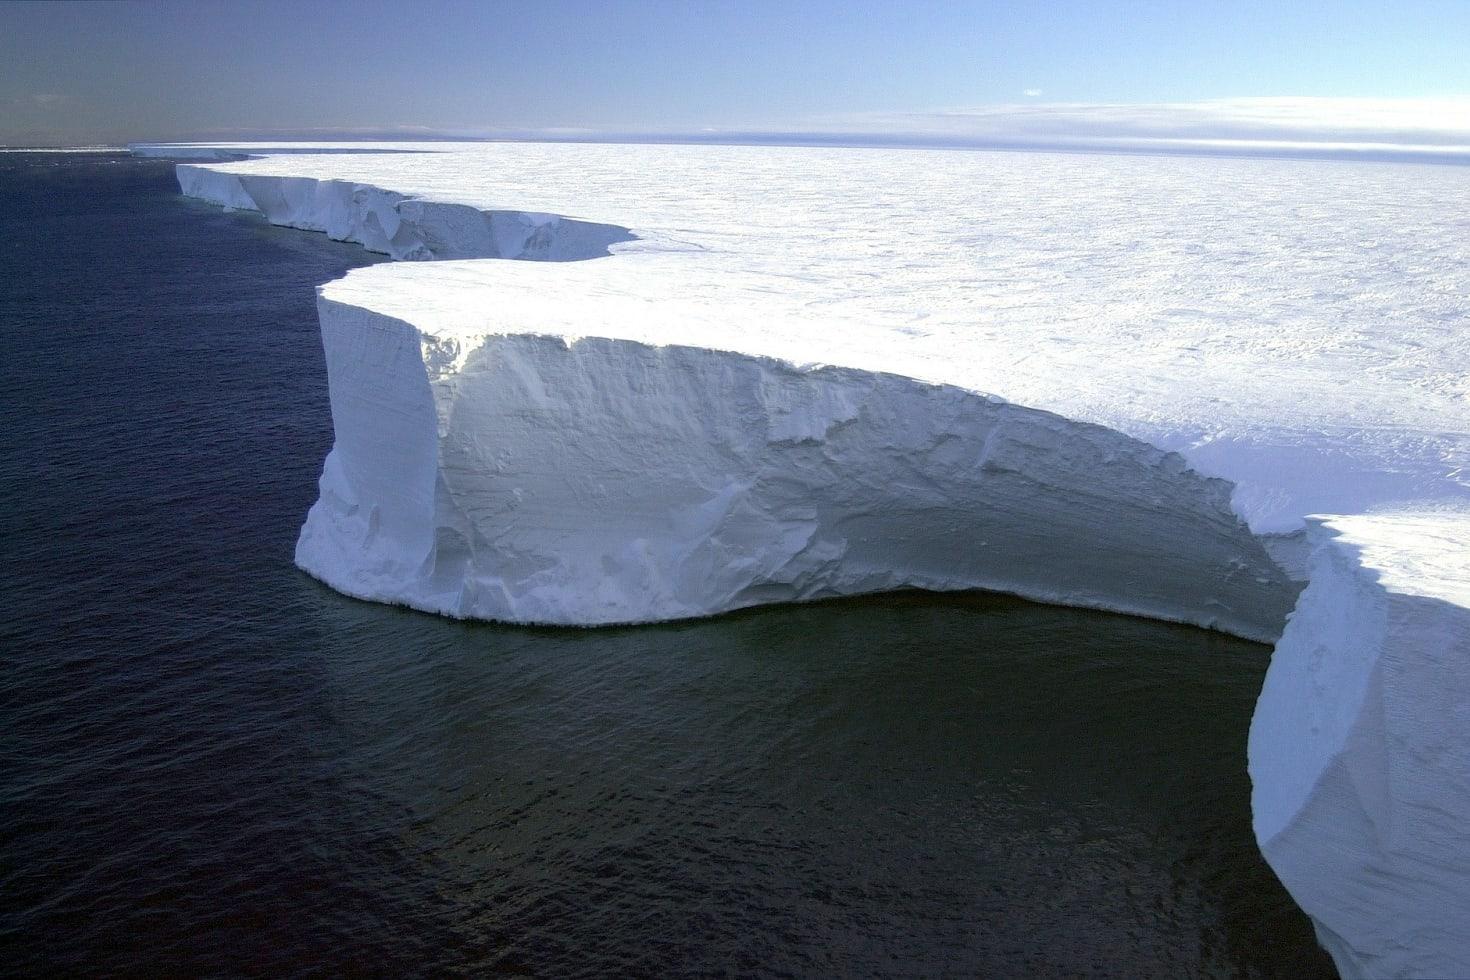 Тест: Факты об Антарктиде - что верно, а что нет | ROSTOF.RU